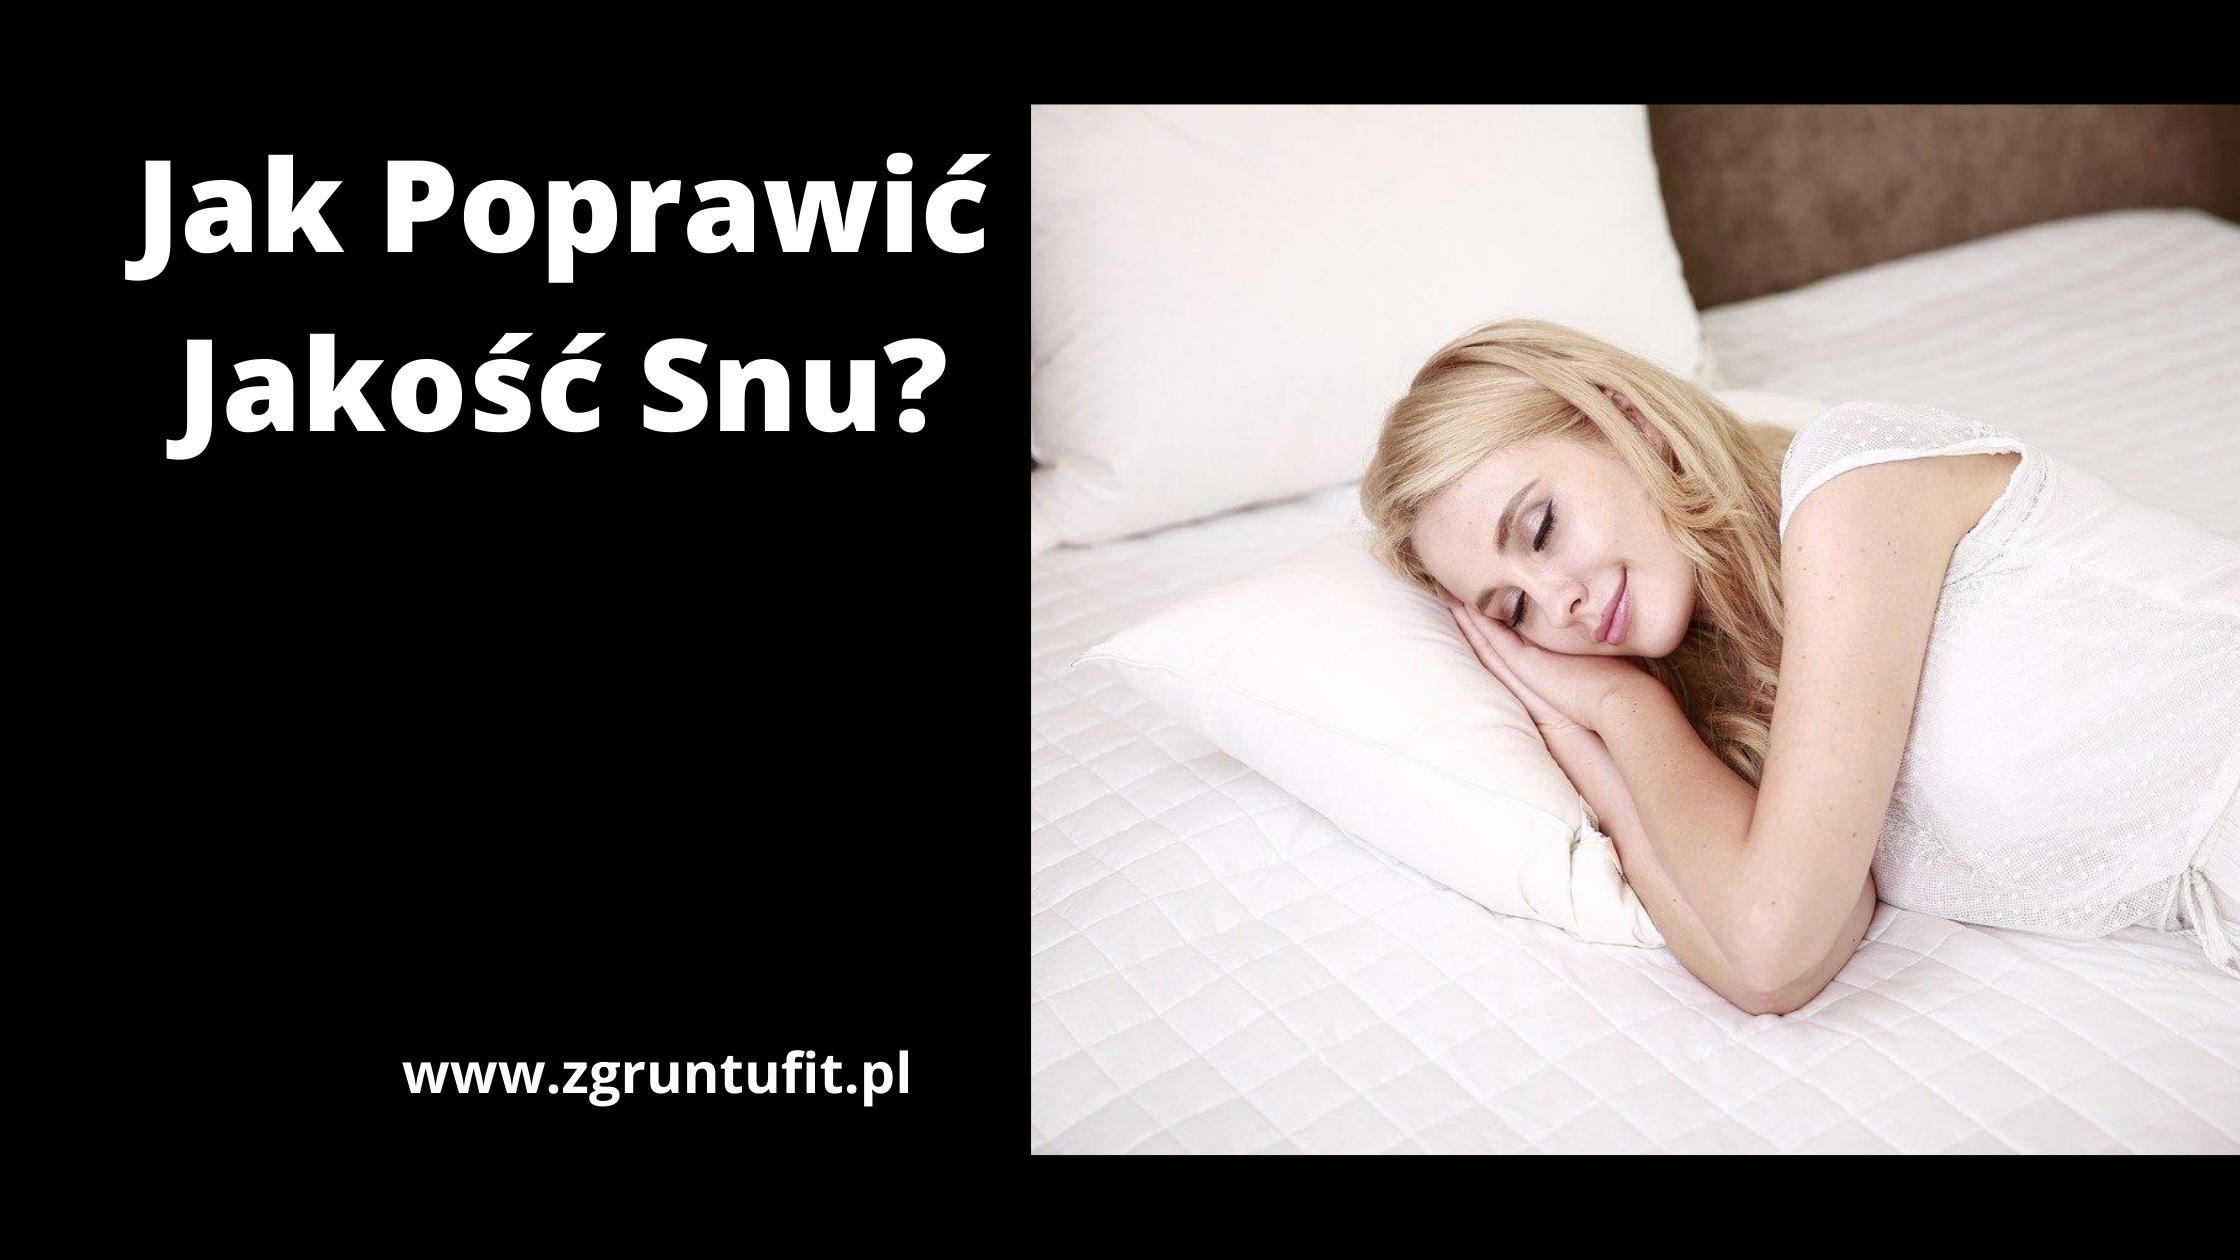 Jak Poprawić Jakość Snu